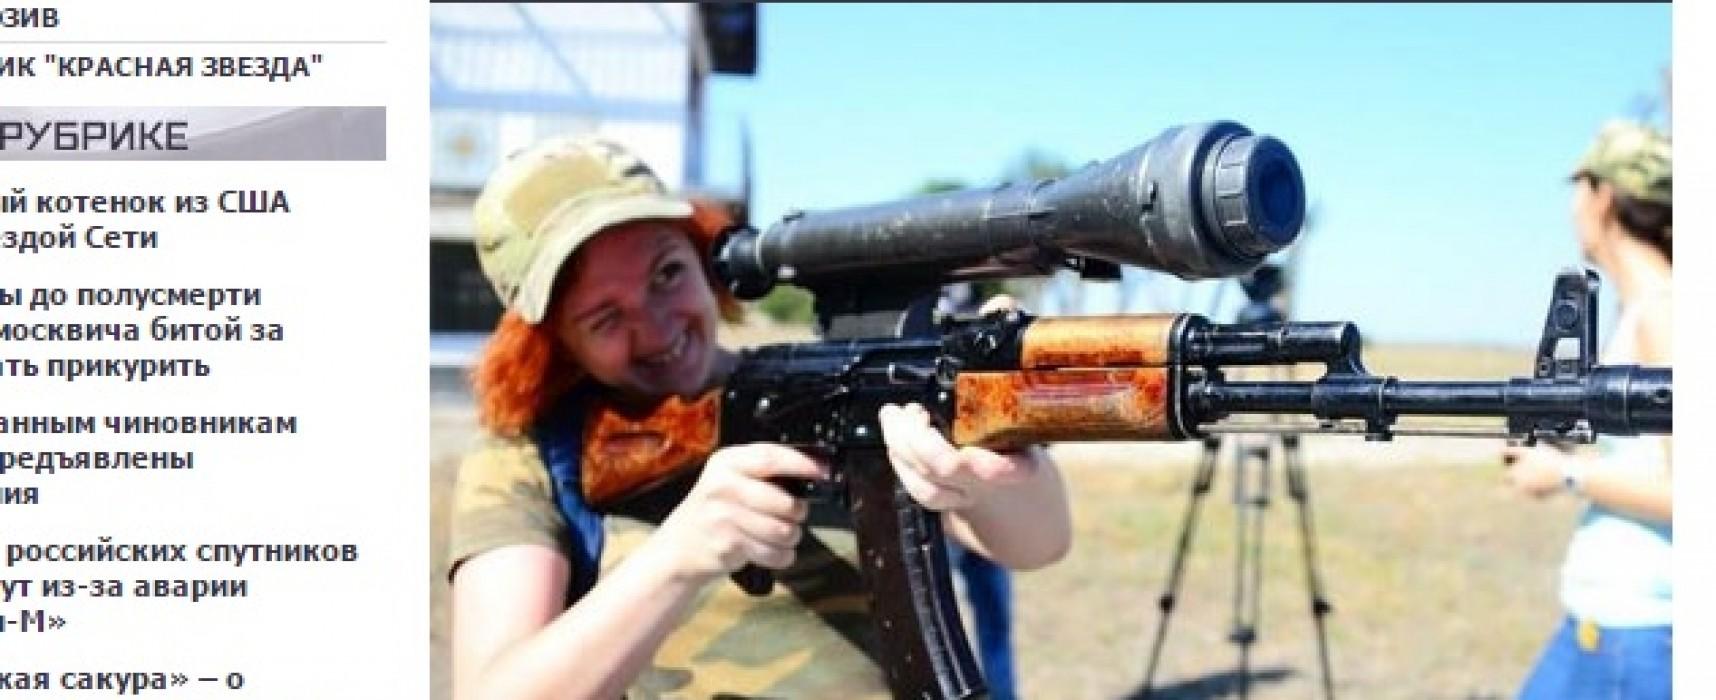 Фейк: Порошенко разрешил украинцам носить оружие